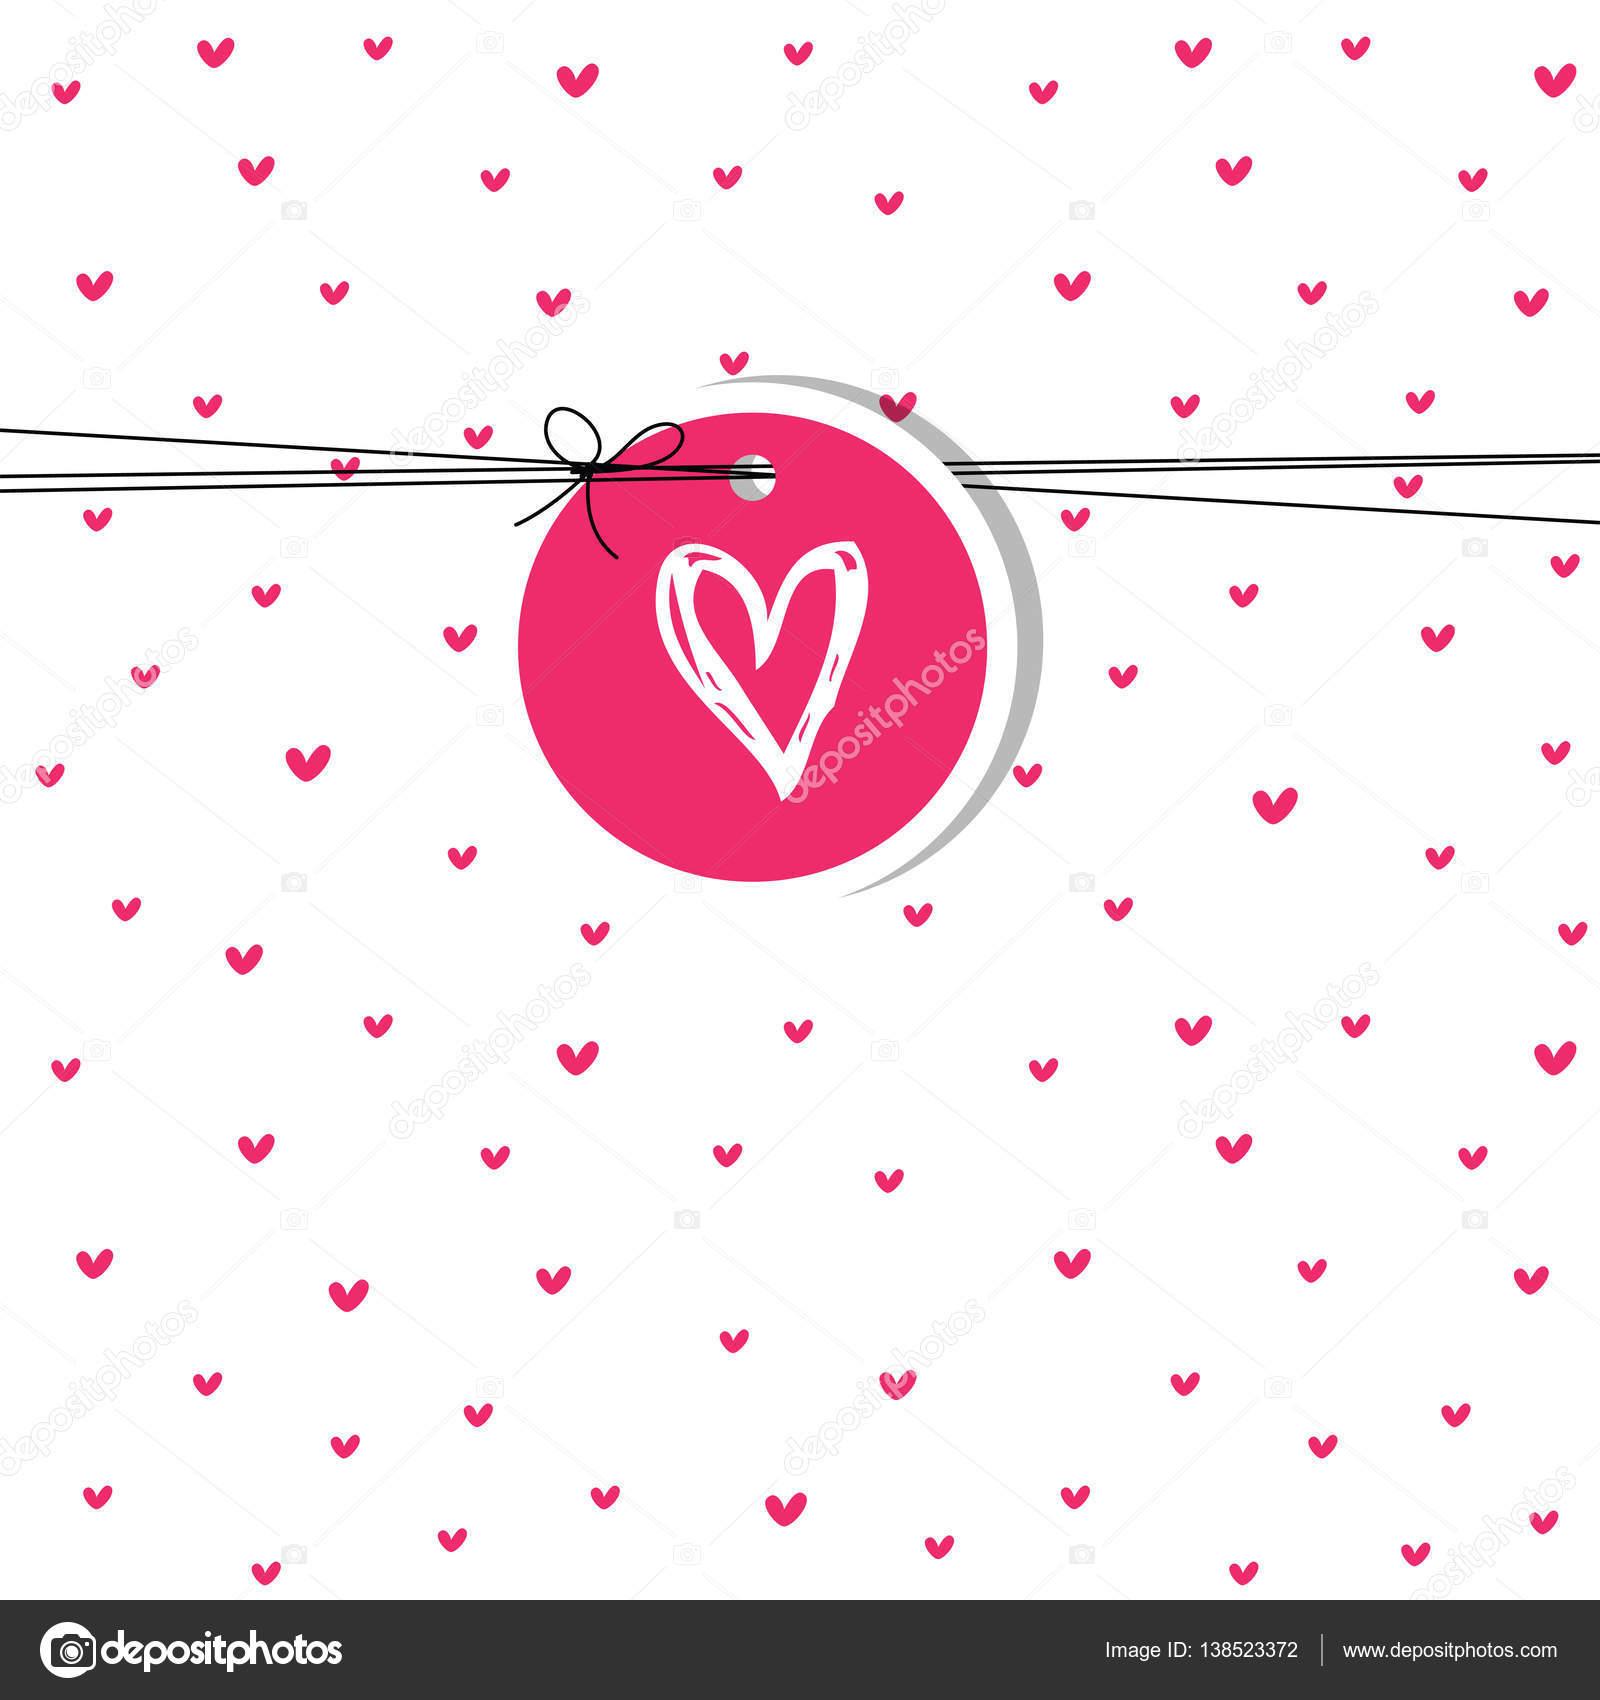 Tolle Valentinstag Karten Vorlagen Fotos - Beispiel Anschreiben für ...